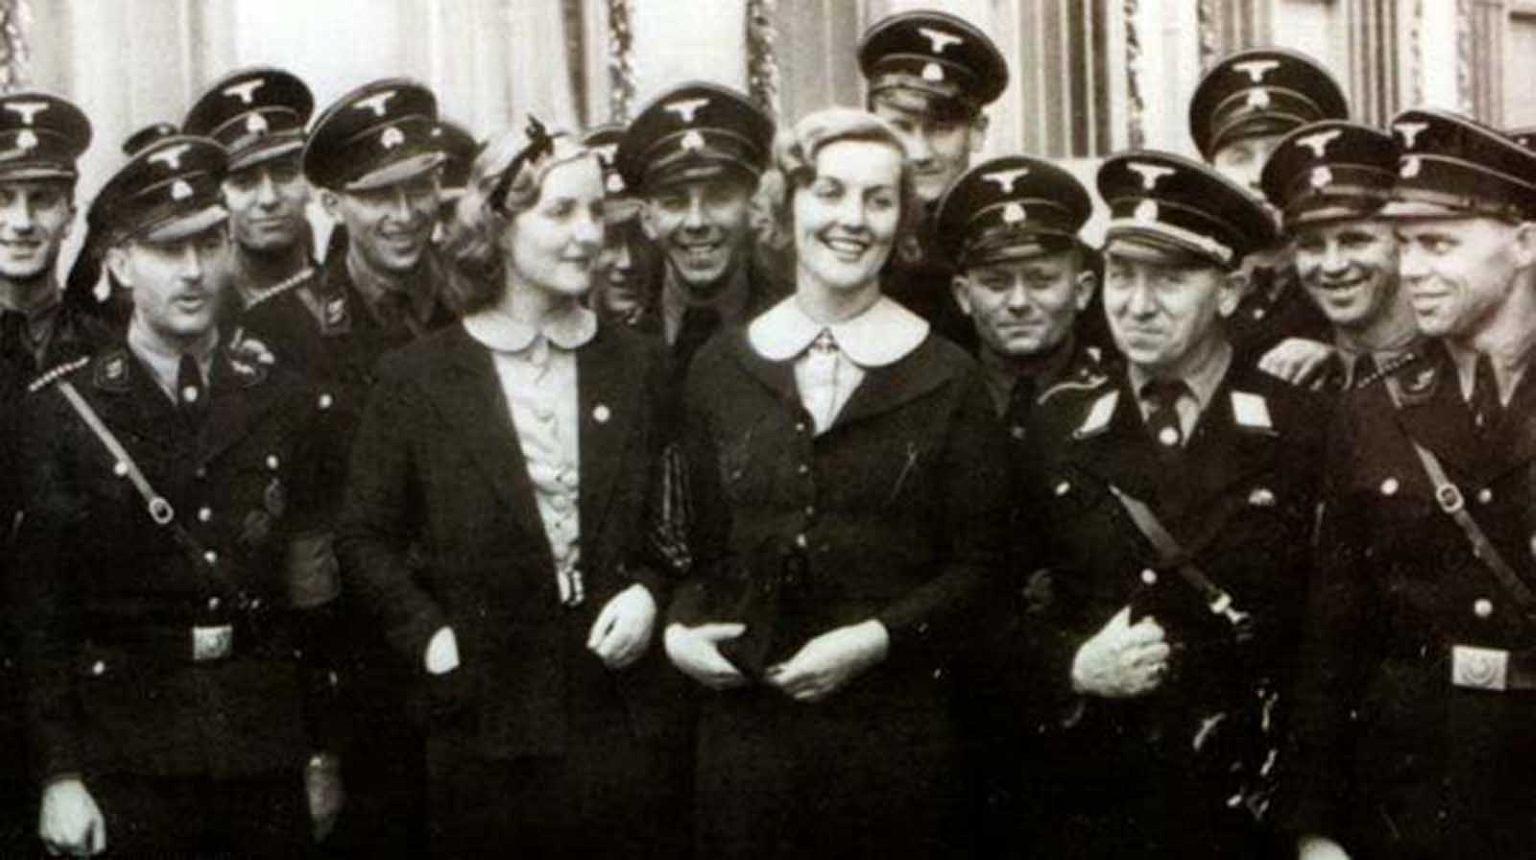 Unity Mitford (z prawej) z siostrą Dianą wśród nazistowskich żołnierzy